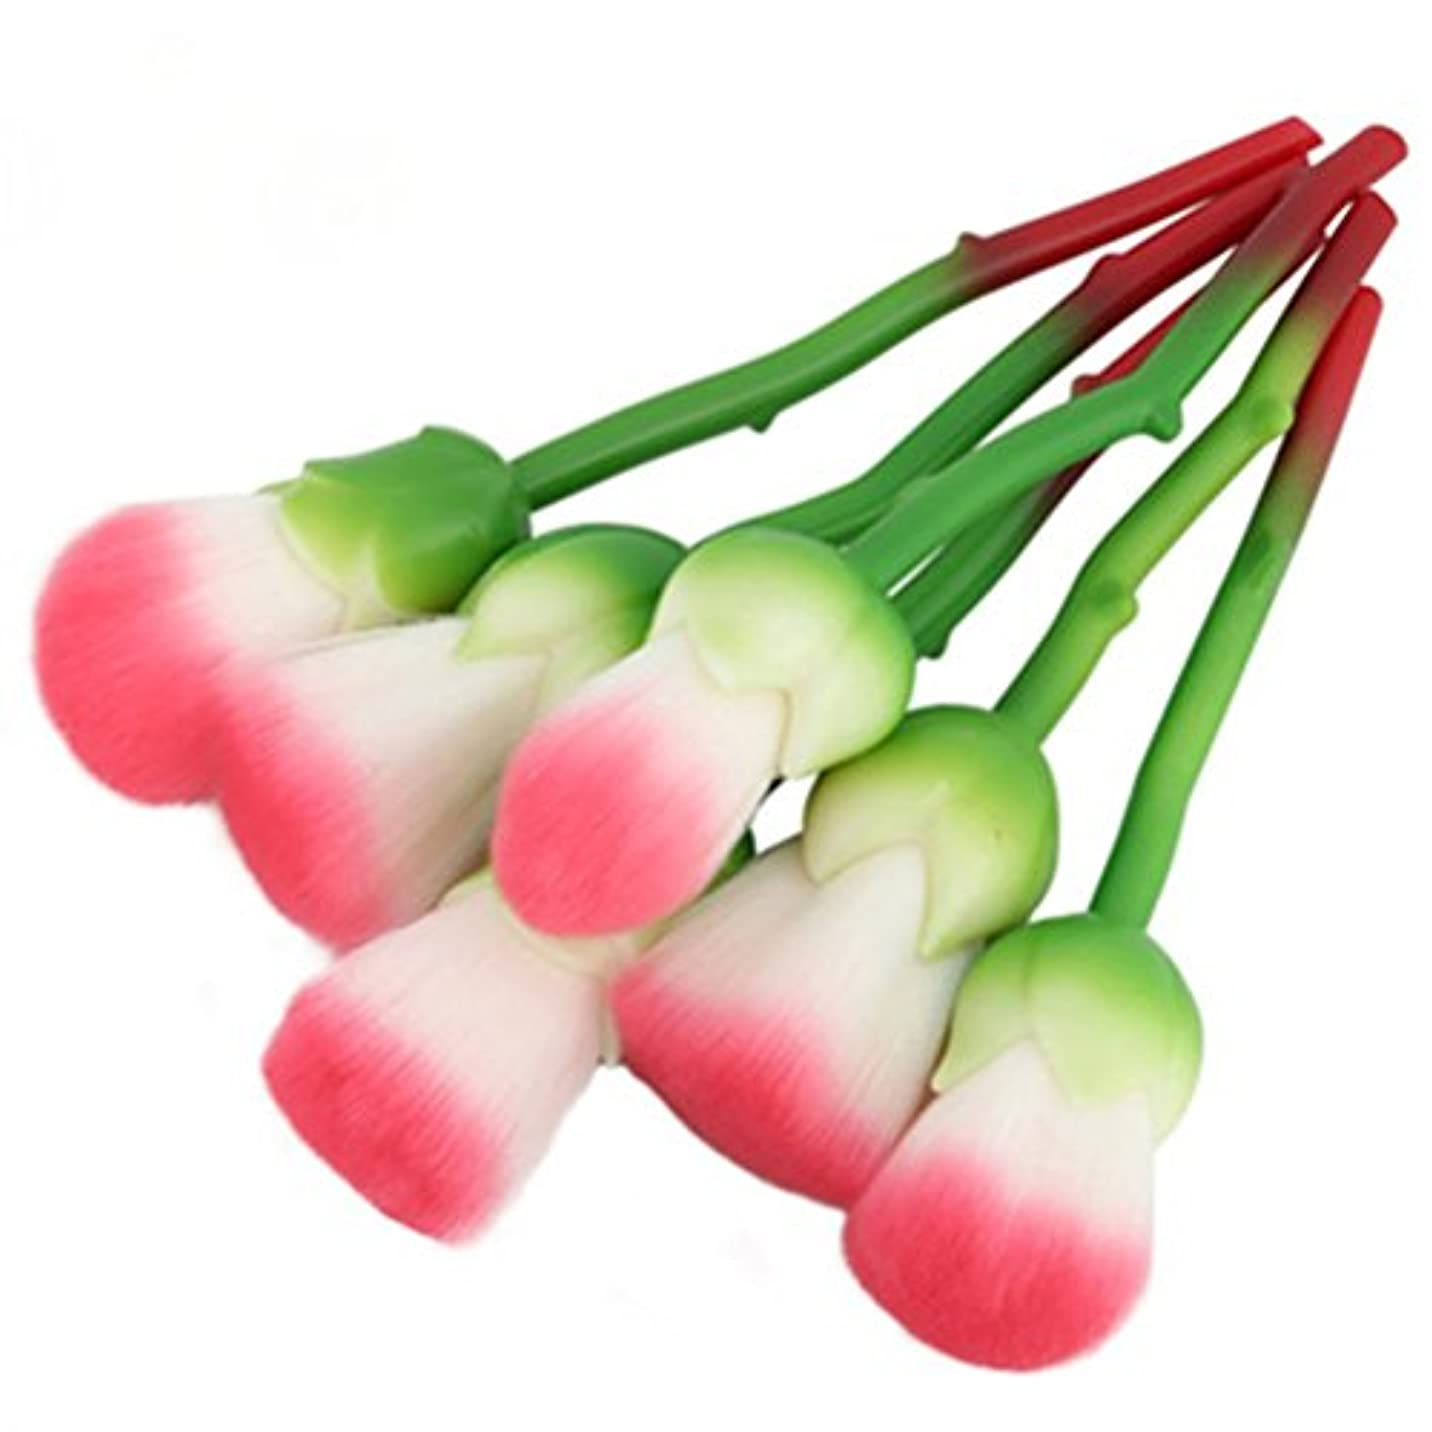 面高層ビルラインディラビューティー(Dilla Beauty) メイクブラシ 薔薇 メイクブラシセット 人気 ファンデーションブラシ 化粧筆 可愛い 化粧ブラシ セット パウダーブラシ フェイスブラシ ローズ メイクブラシ 6本セット ケース付き (グリーン)